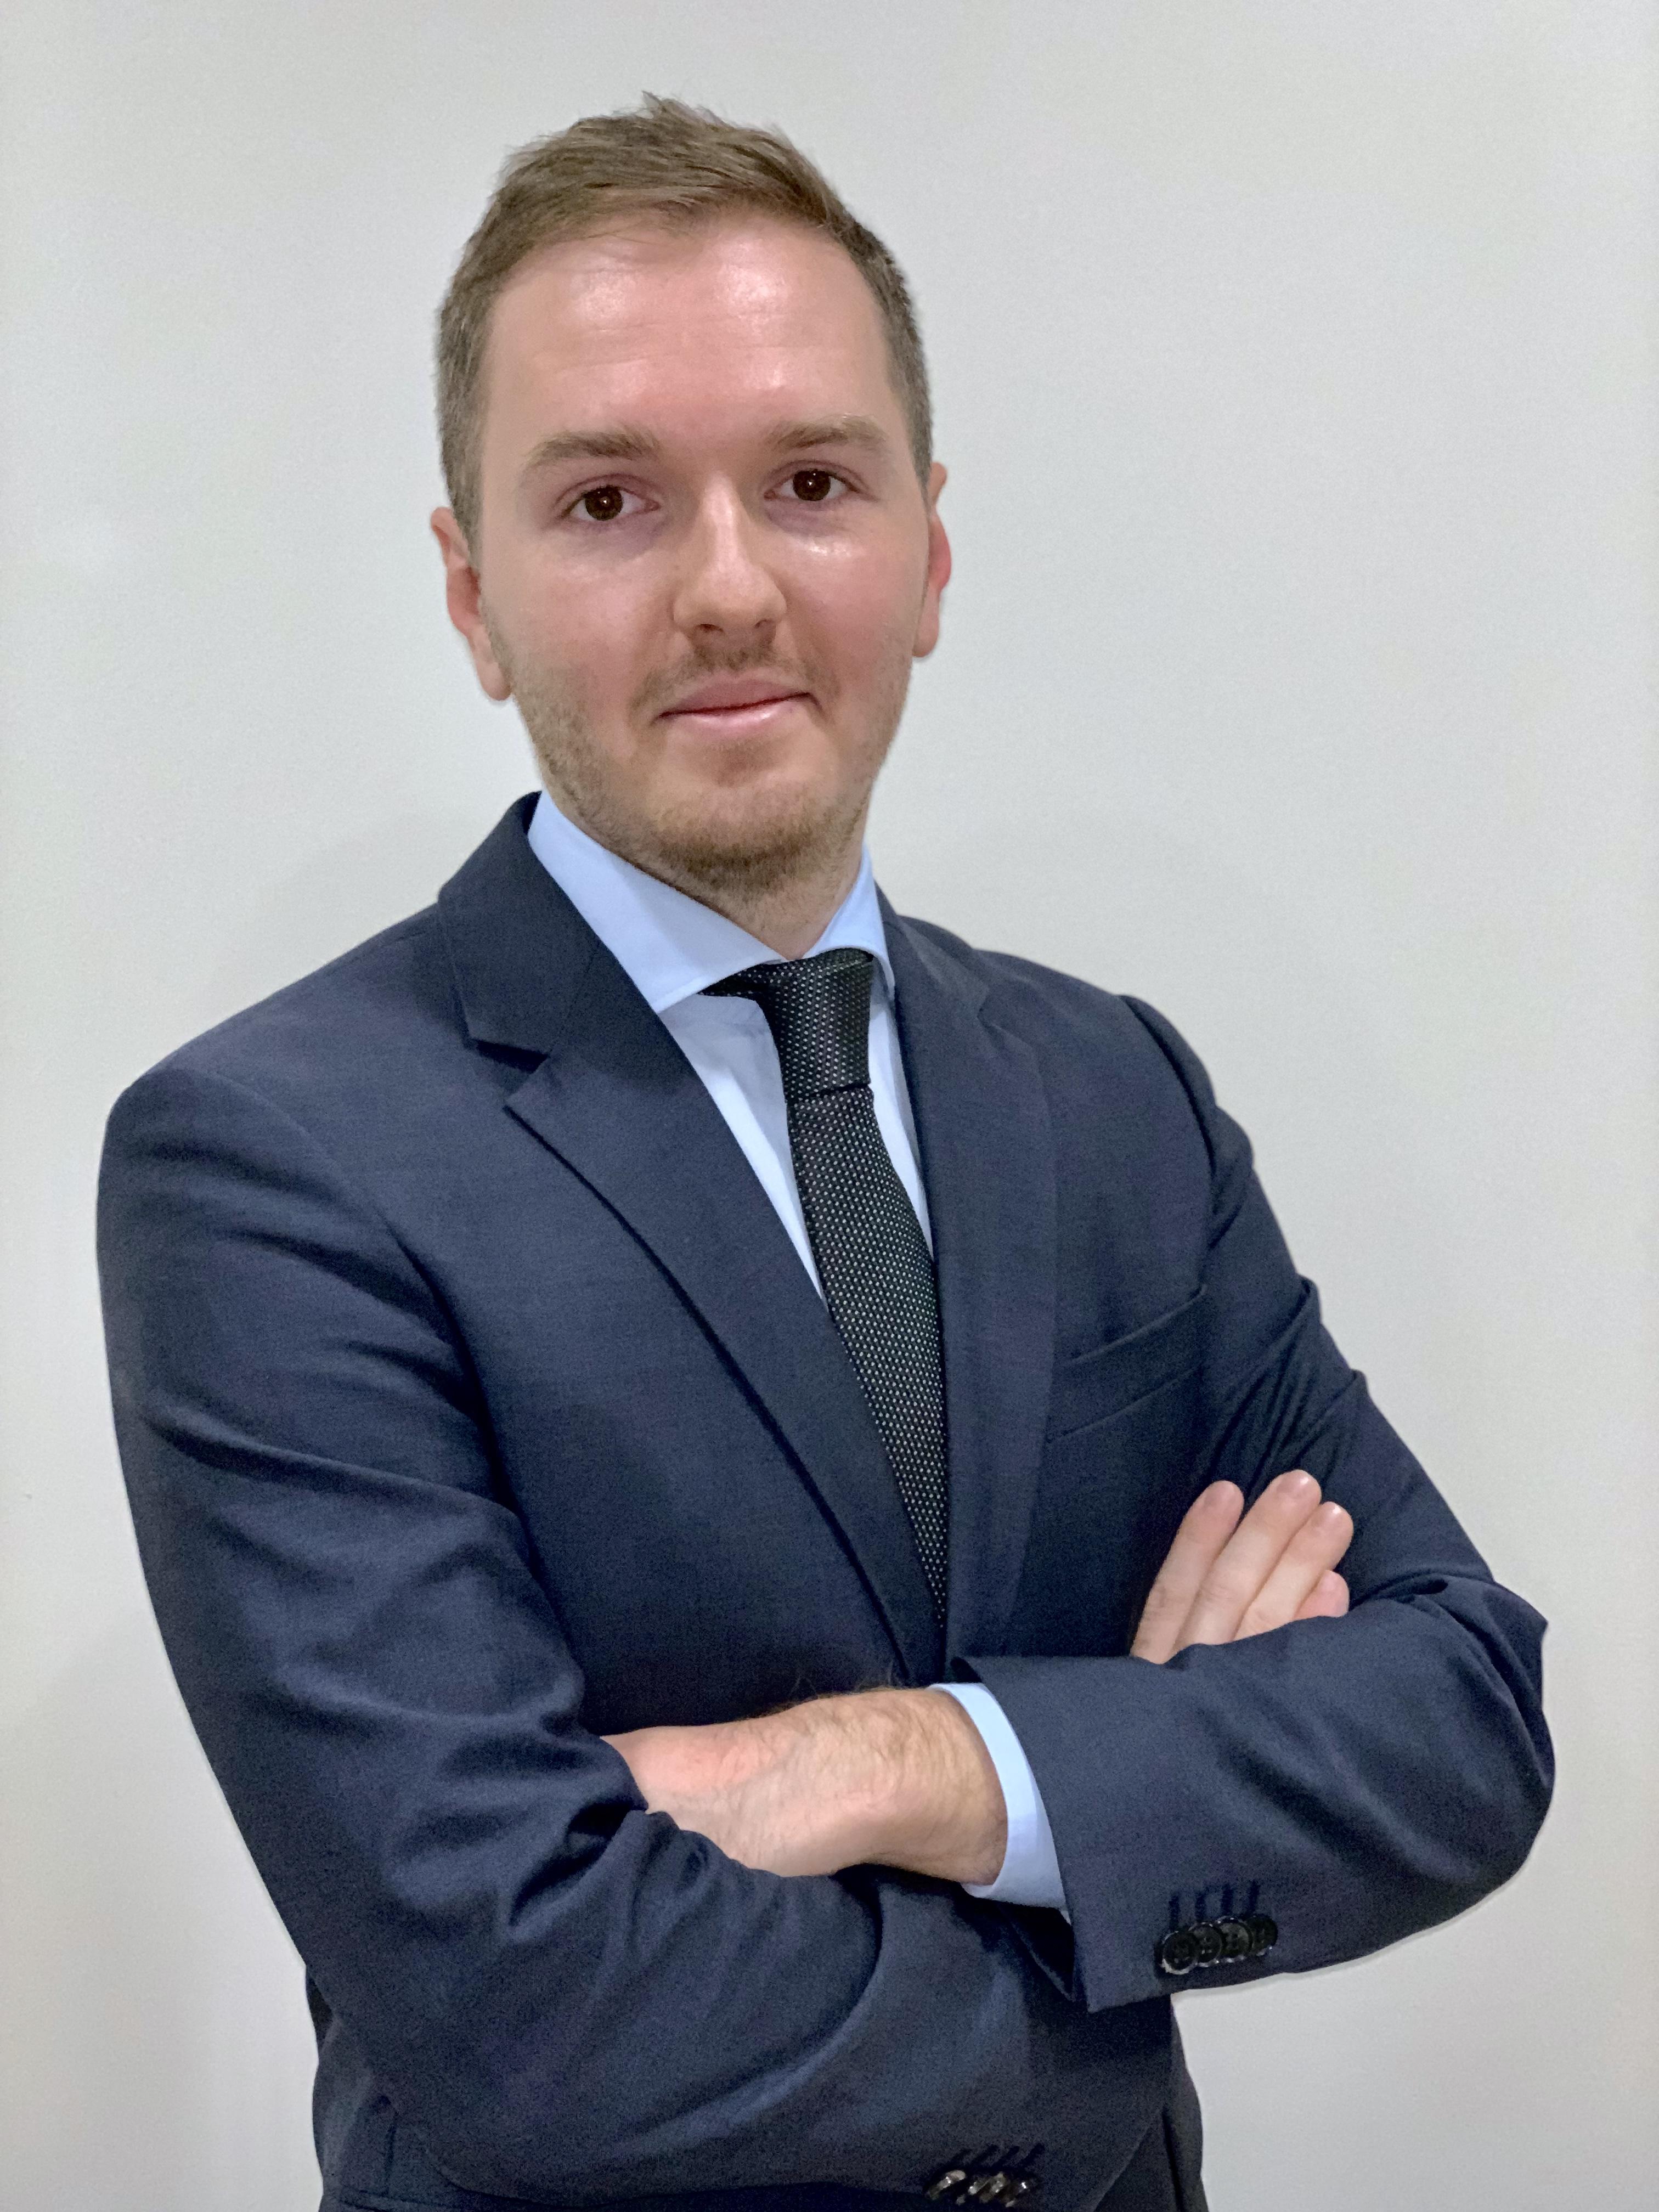 Александр Корнев, руководитель направления развития бизнеса «Скания Лизинг»